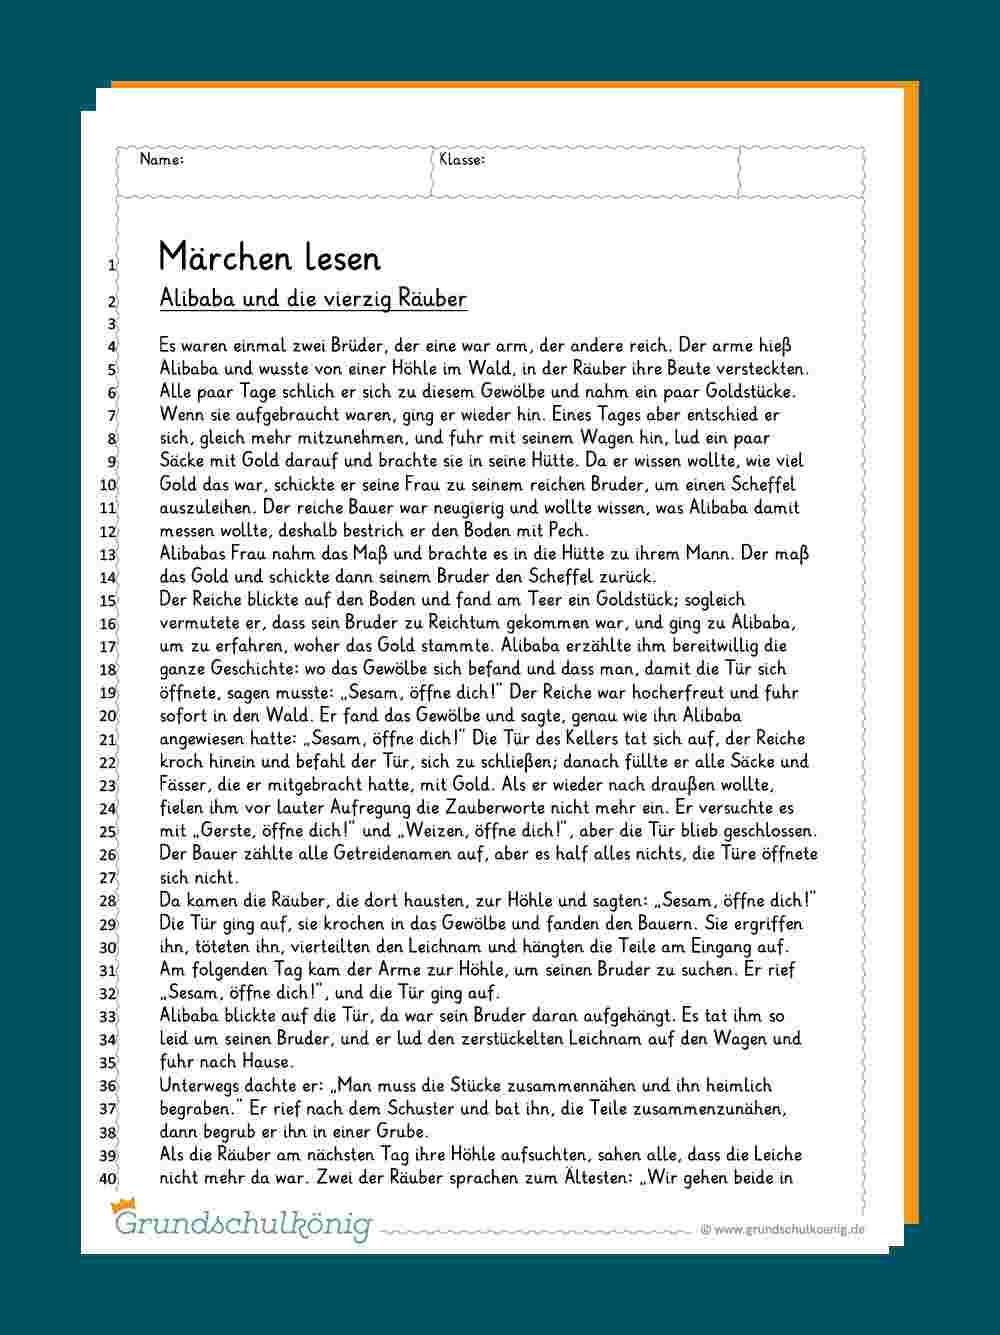 Verschiedene Märchen in Lesekompetenz 4 Klasse Arbeitsblätter Kostenlos